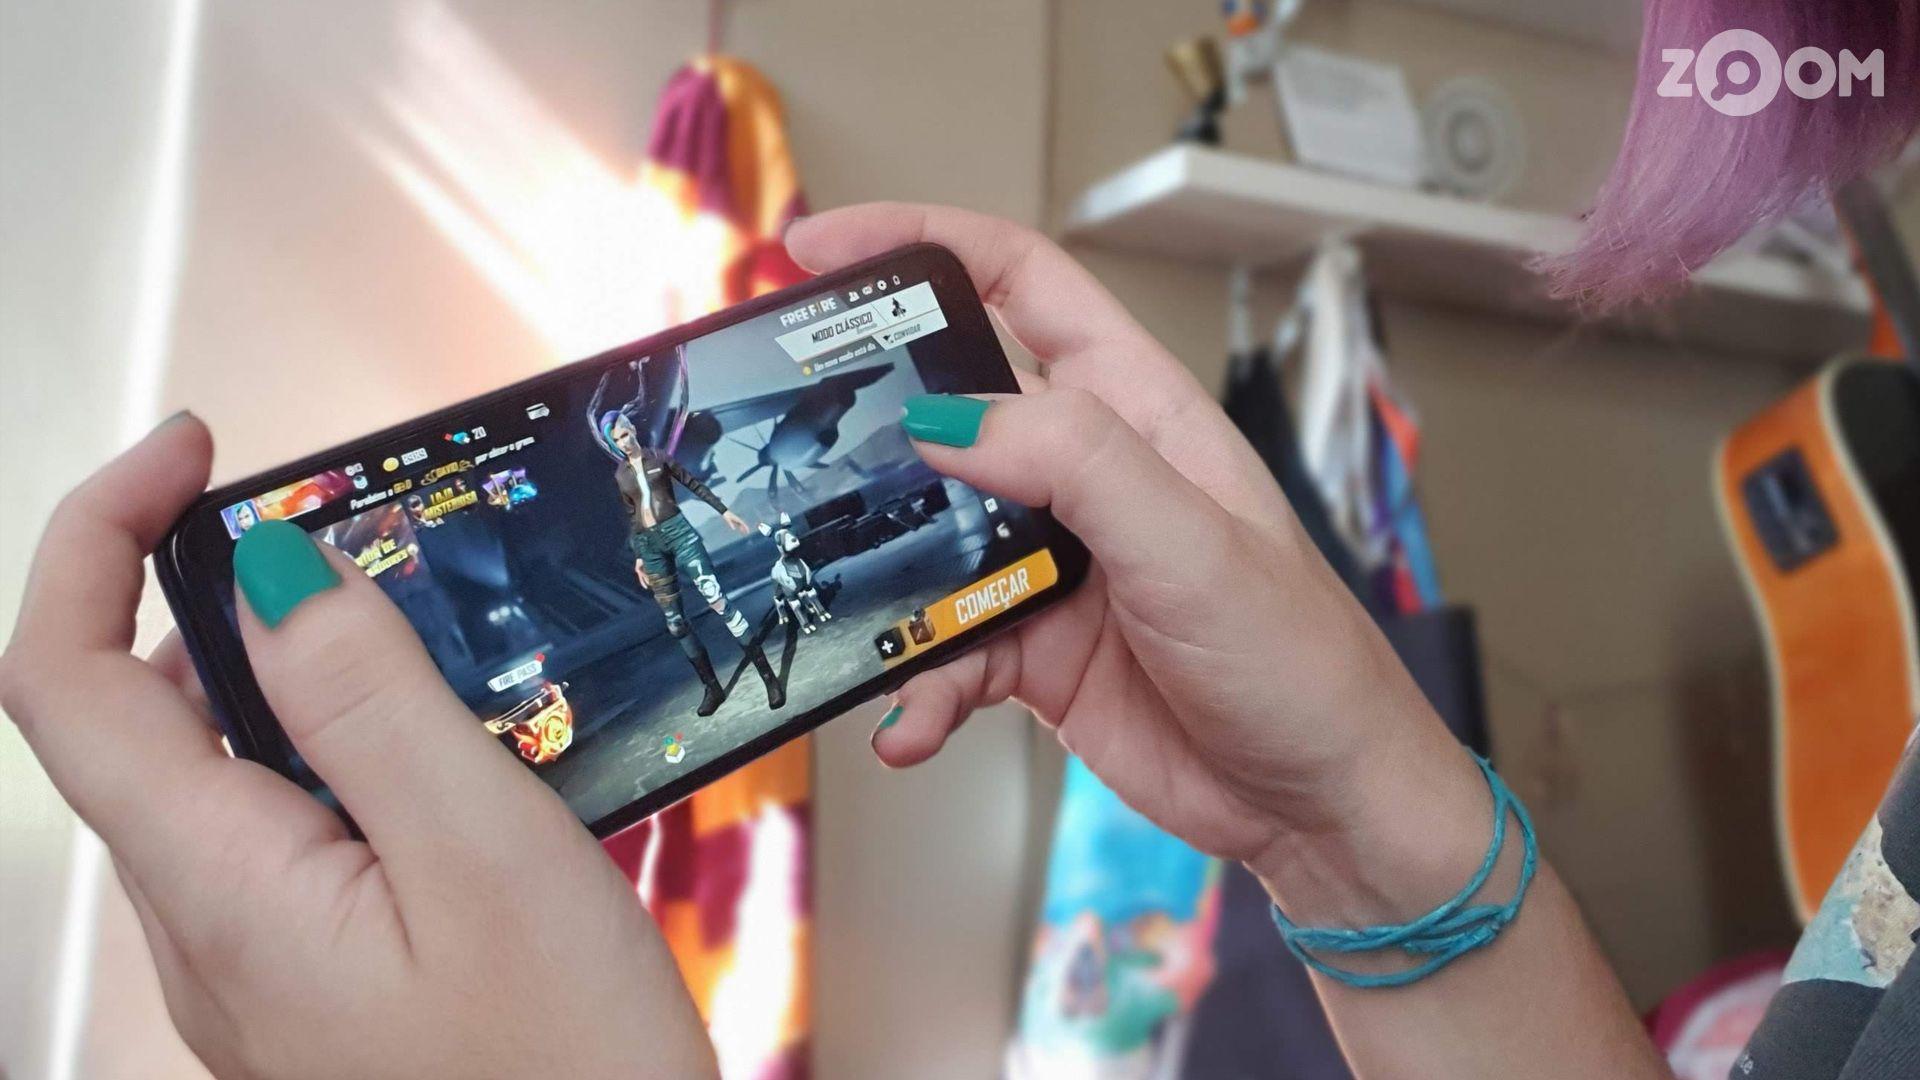 O Nova 5T conta com o recurso GPU Turbo 3.0 para melhorar o desempenho do celular em jogos. (Imagem: Divulgação/Huawei)